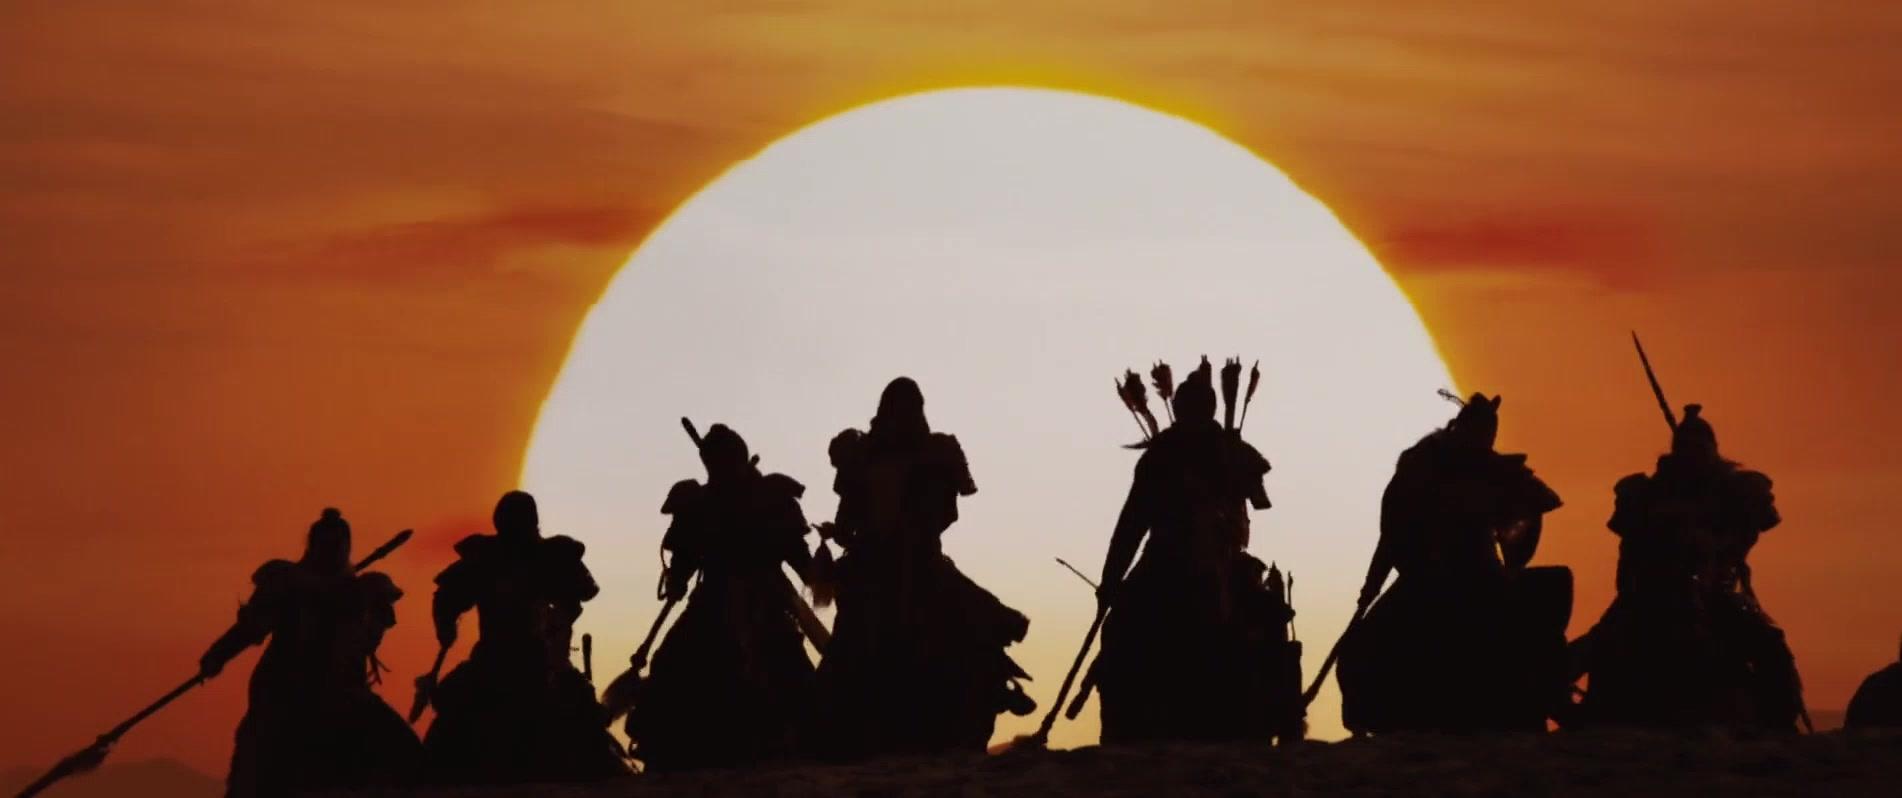 忠烈杨家将:双方交战血洗战场,画面惨不忍睹